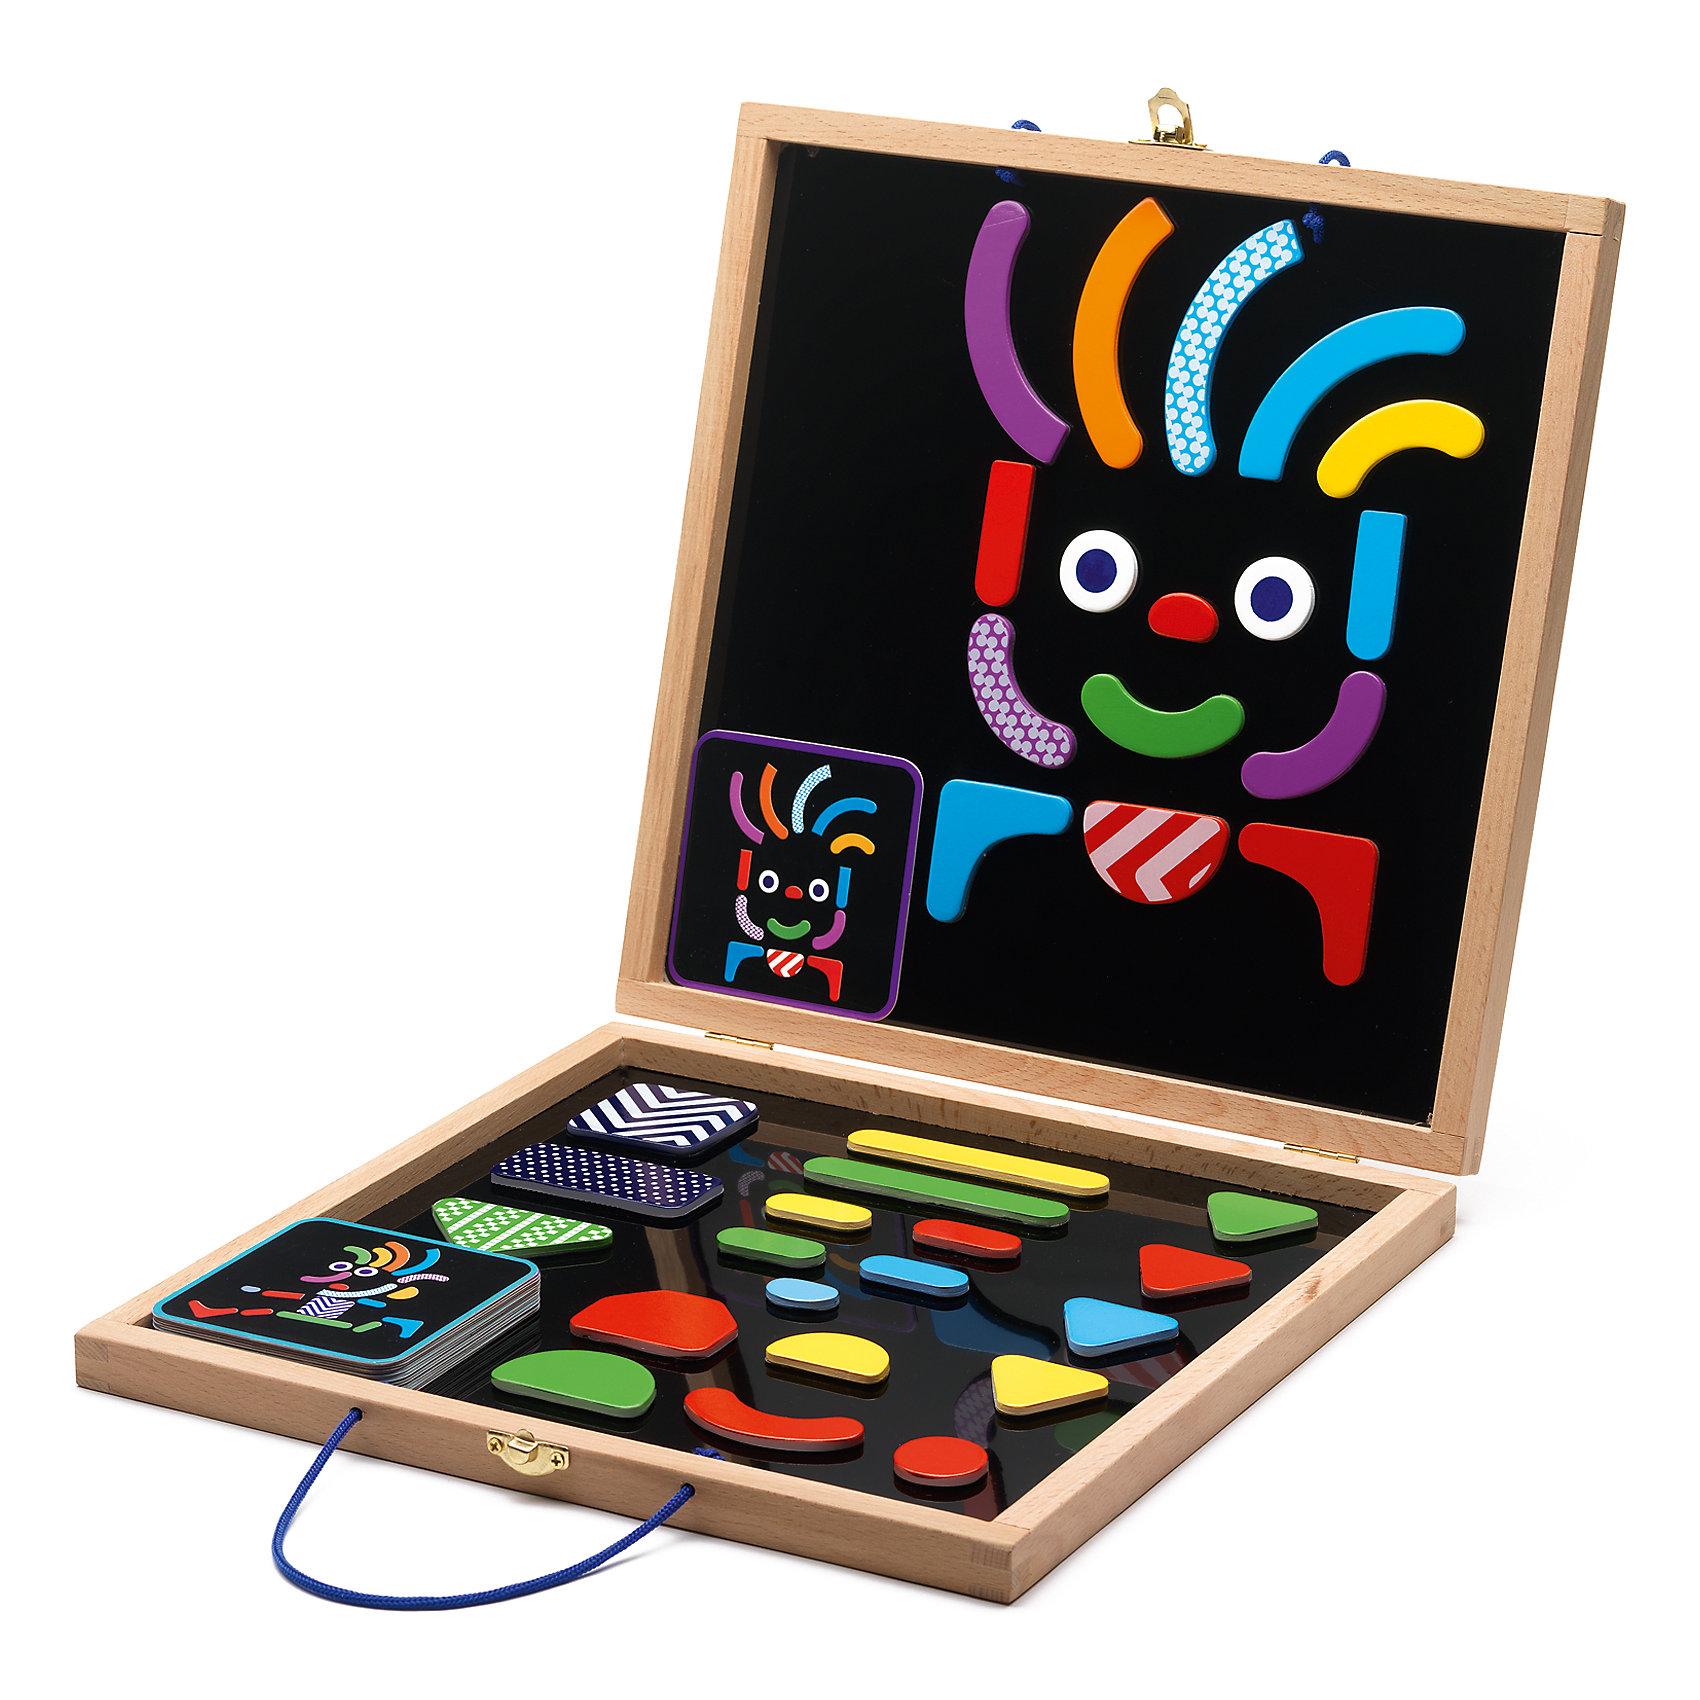 Развивающая магнитная игра Гео человечки, DJECOРазвивающие игры<br>Магнитная доска Гео-человечки. Эта игра содержит цветные яркие детали разных форм и размеров. Ваш ребенок сможет создавать интересные, оригинальные портреты на специальной магнитной доске. В этом наборе есть много карточек – подсказок с изображением забавных рожиц и человечков. Ваш малыш также сможет пофантазировать самому и создать своих собственных героев. Эта игра принесёт разнообразие в досуге Вашего ребёнка.<br><br>Ширина мм: 300<br>Глубина мм: 300<br>Высота мм: 40<br>Вес г: 1410<br>Возраст от месяцев: 36<br>Возраст до месяцев: 1188<br>Пол: Унисекс<br>Возраст: Детский<br>SKU: 4761435